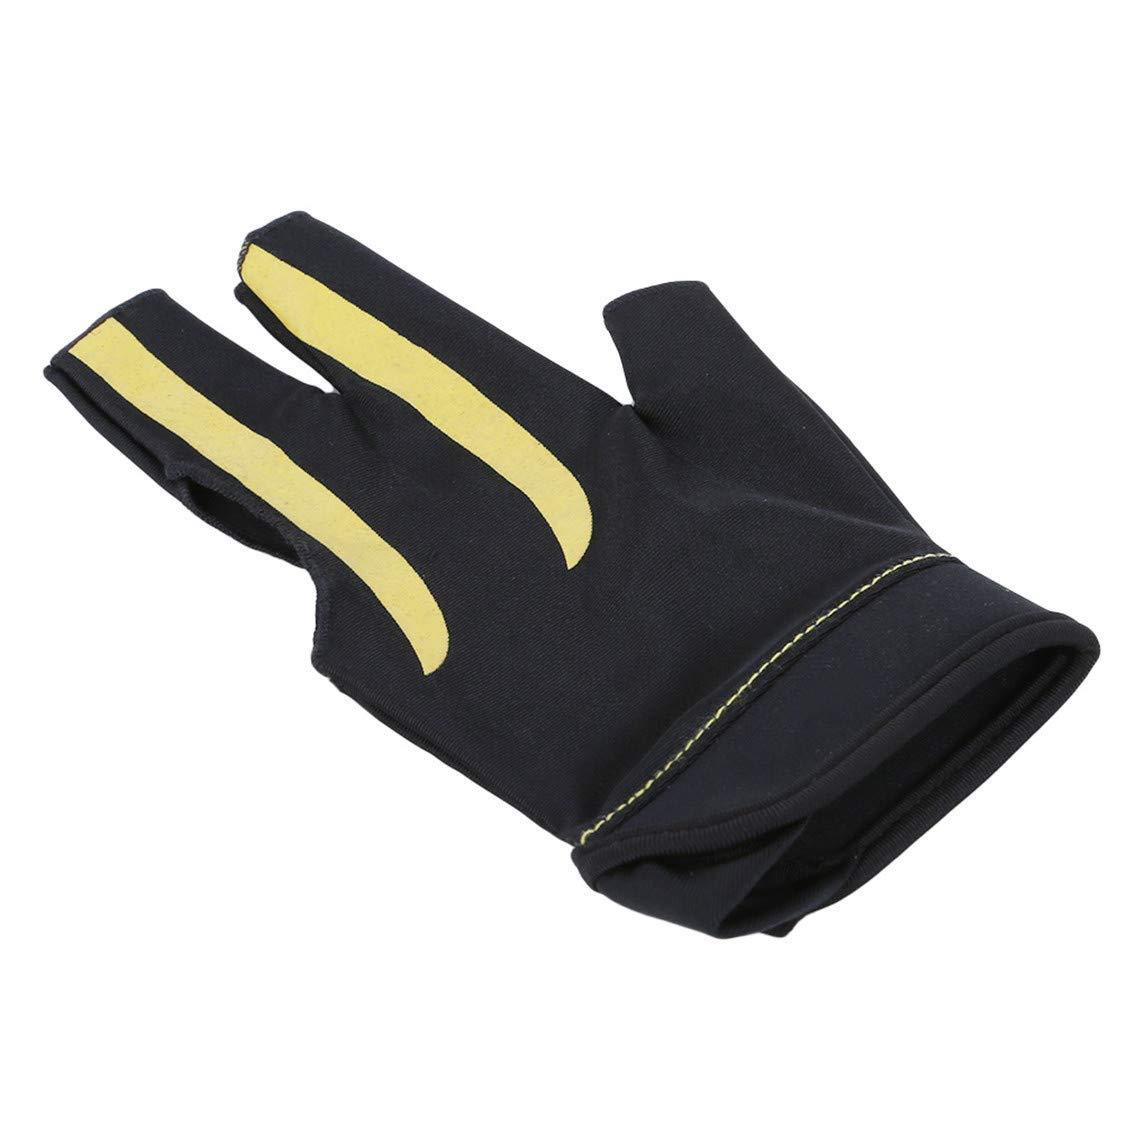 Premium Quality Billiard Gloves Billiards Snooker High Stretch Comfortable Wear Nylon Lycra Three-finger Gloves by Yevison